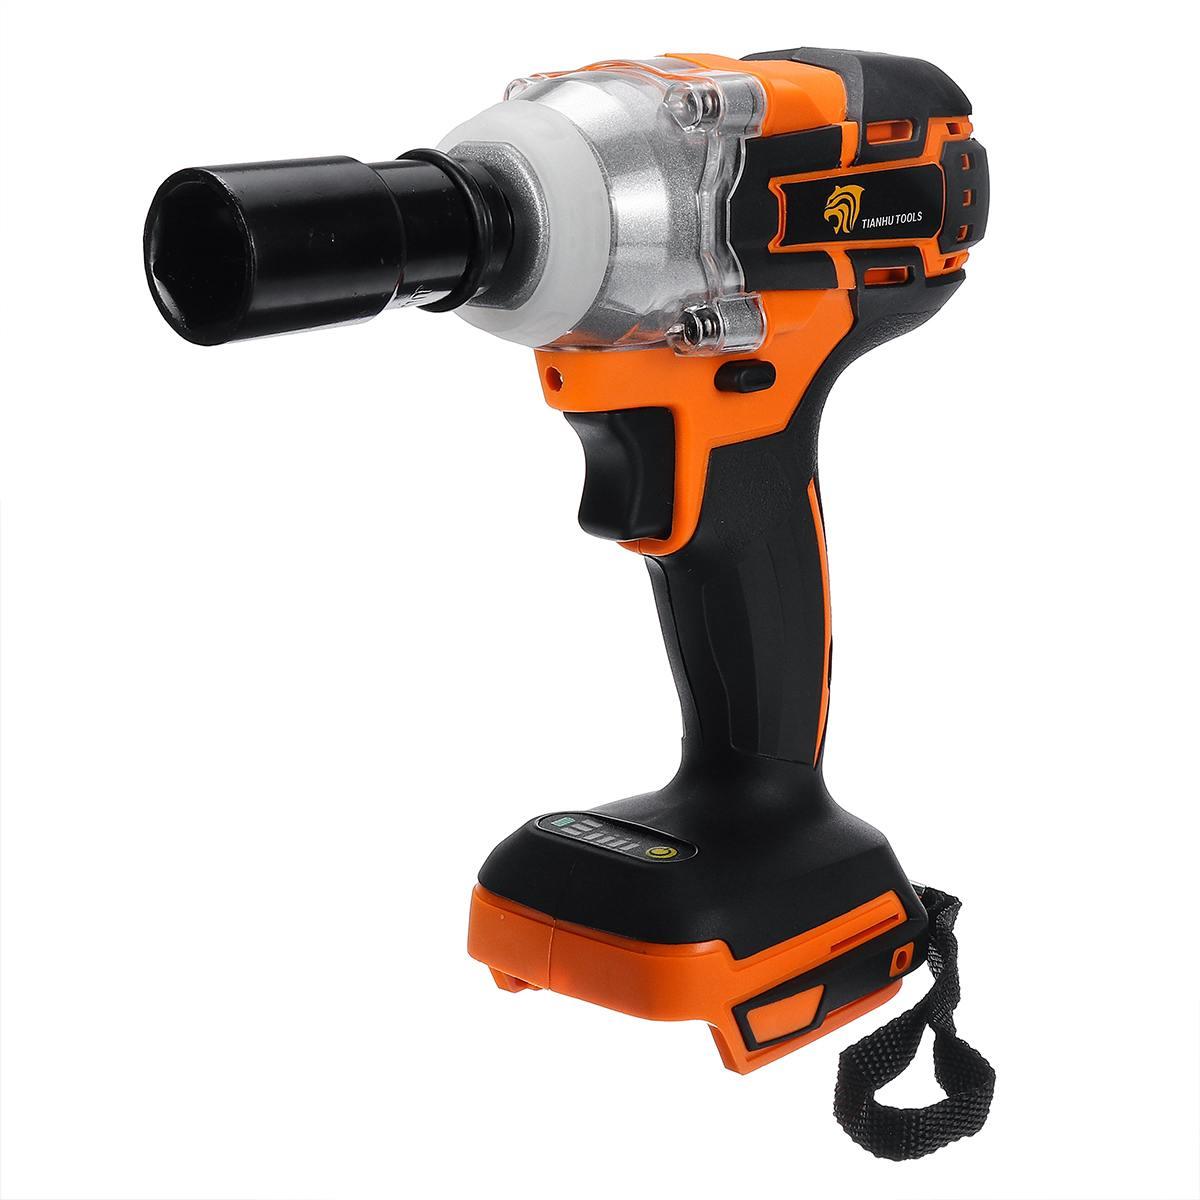 520 n. m brushless chave de impacto ferramenta motorista 1/2 cordless cordless sem fio chave de impacto motorista de potência substituição para makita dtw285z 18 v